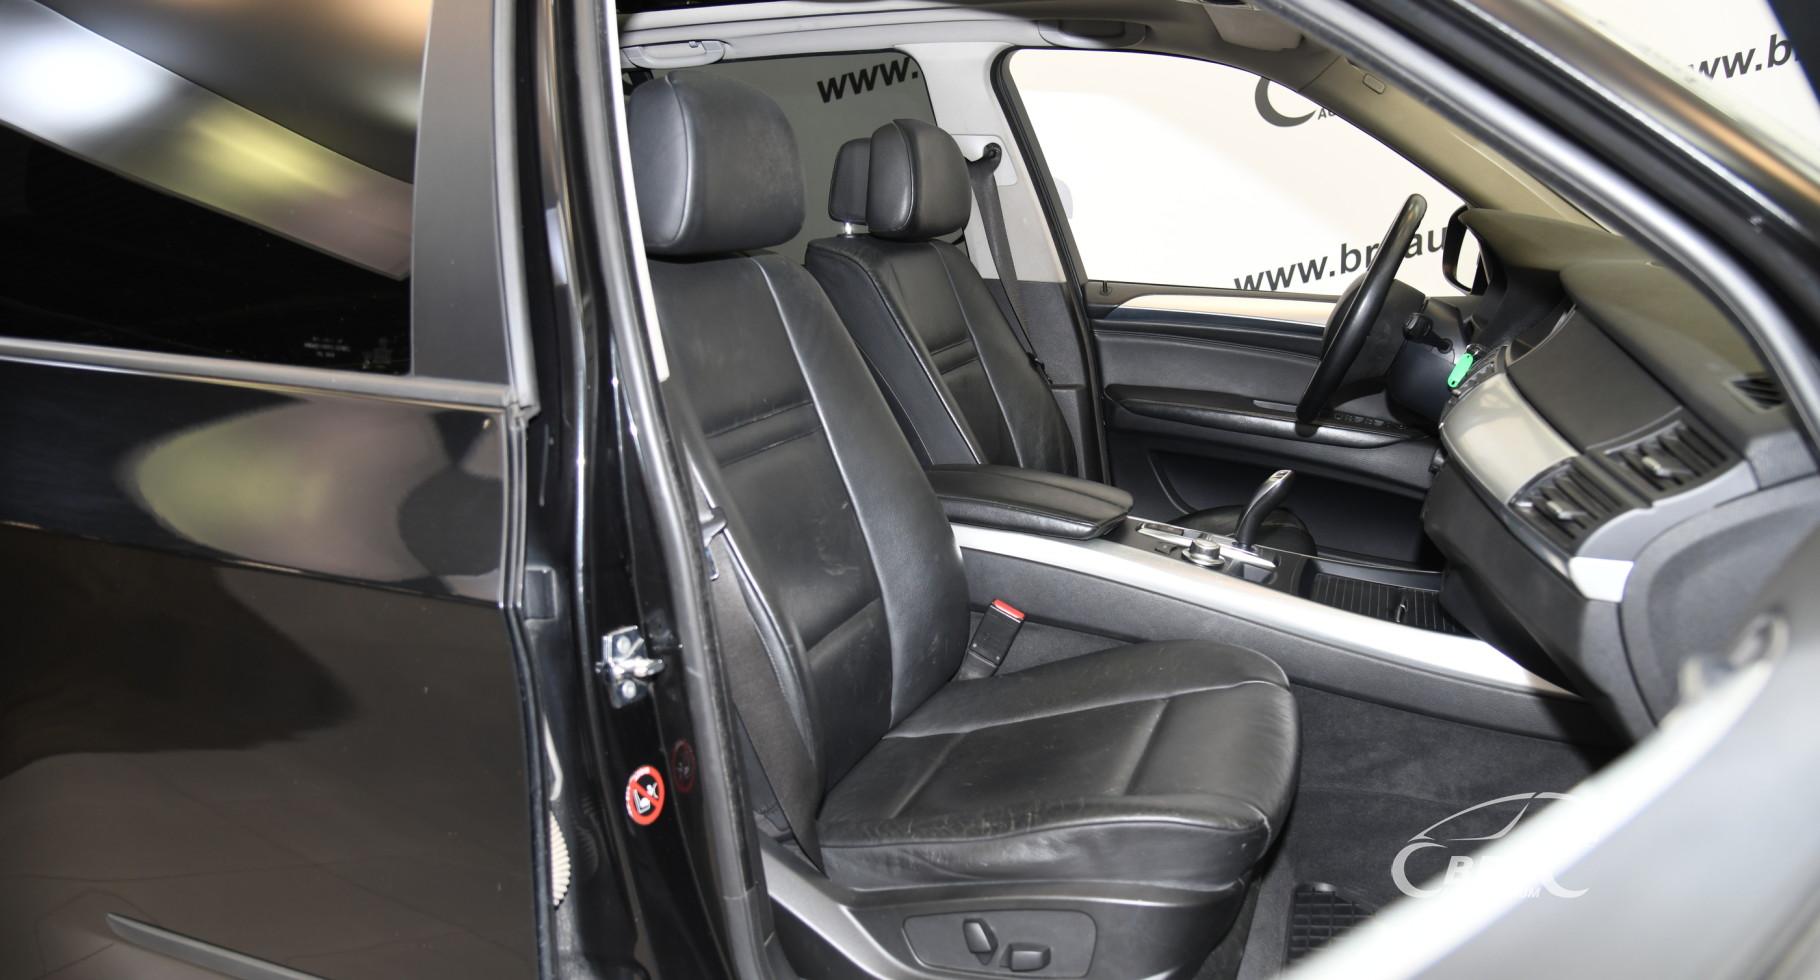 BMW X5 3.0 d xDrive Automatas